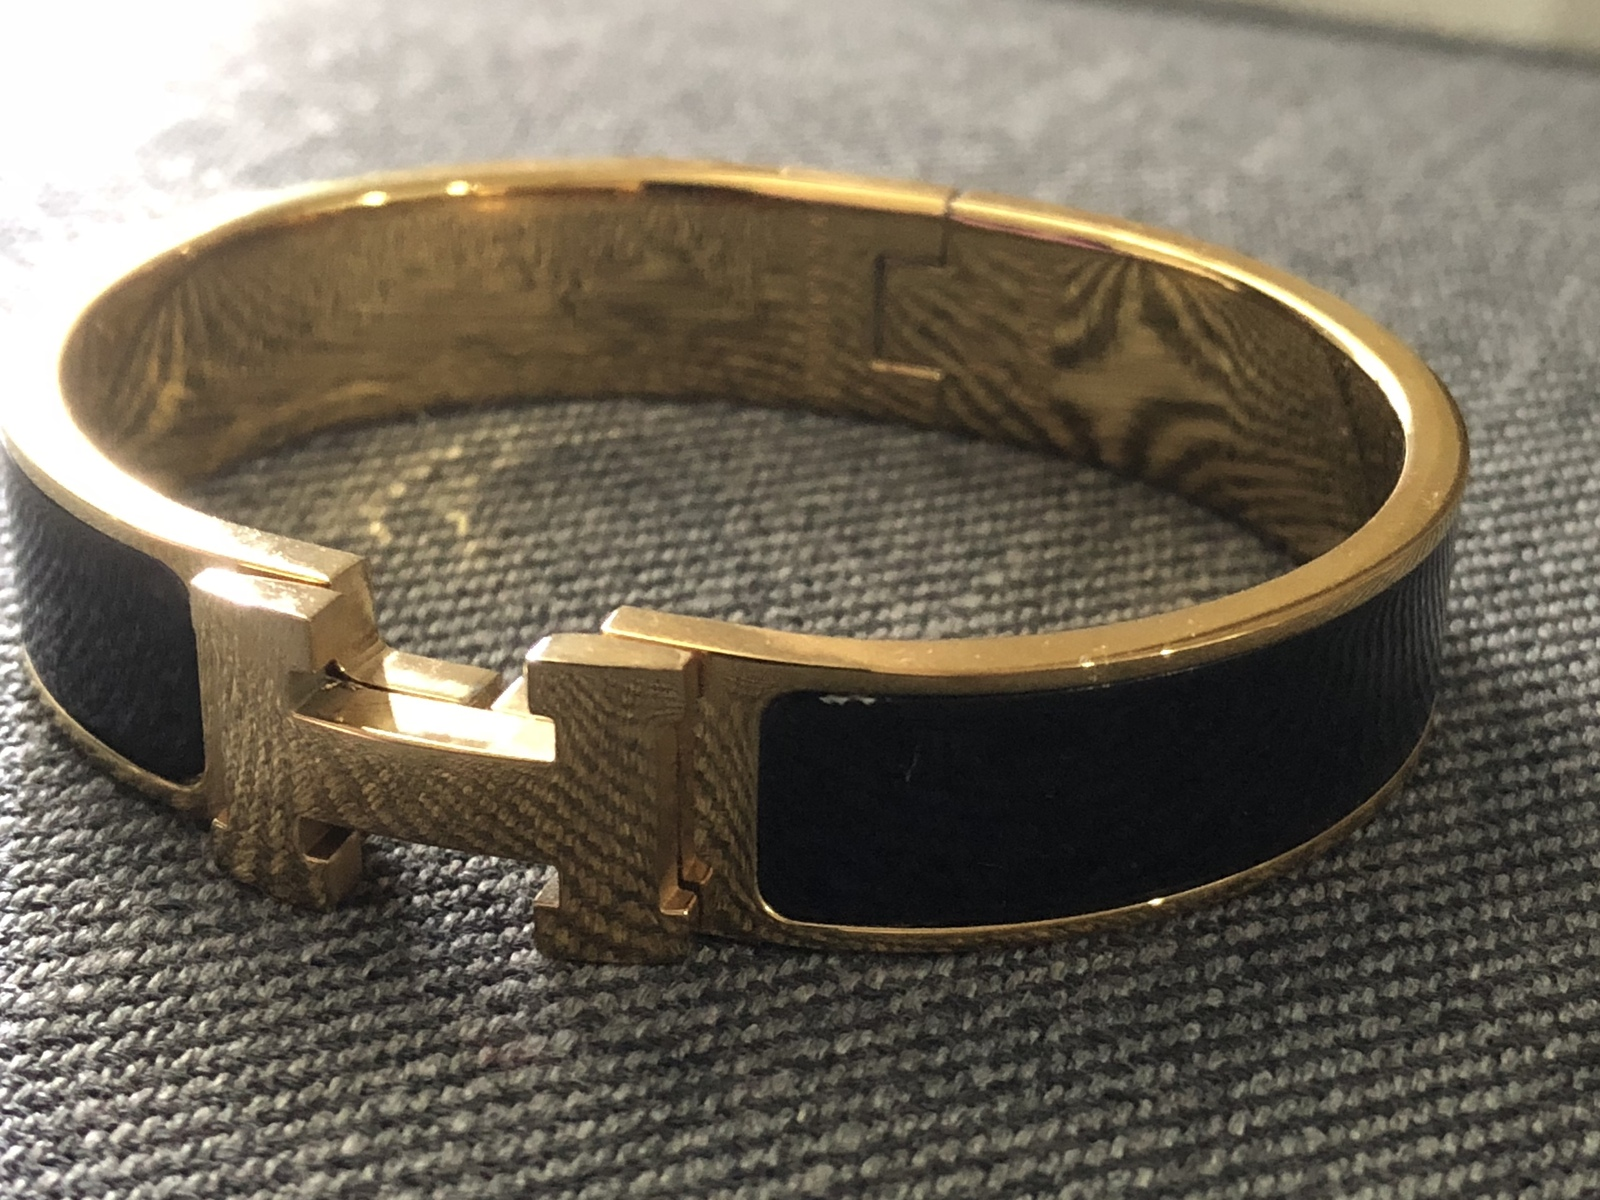 Authentic Hermes 2015 Black Enamel Gold H Clic Clac